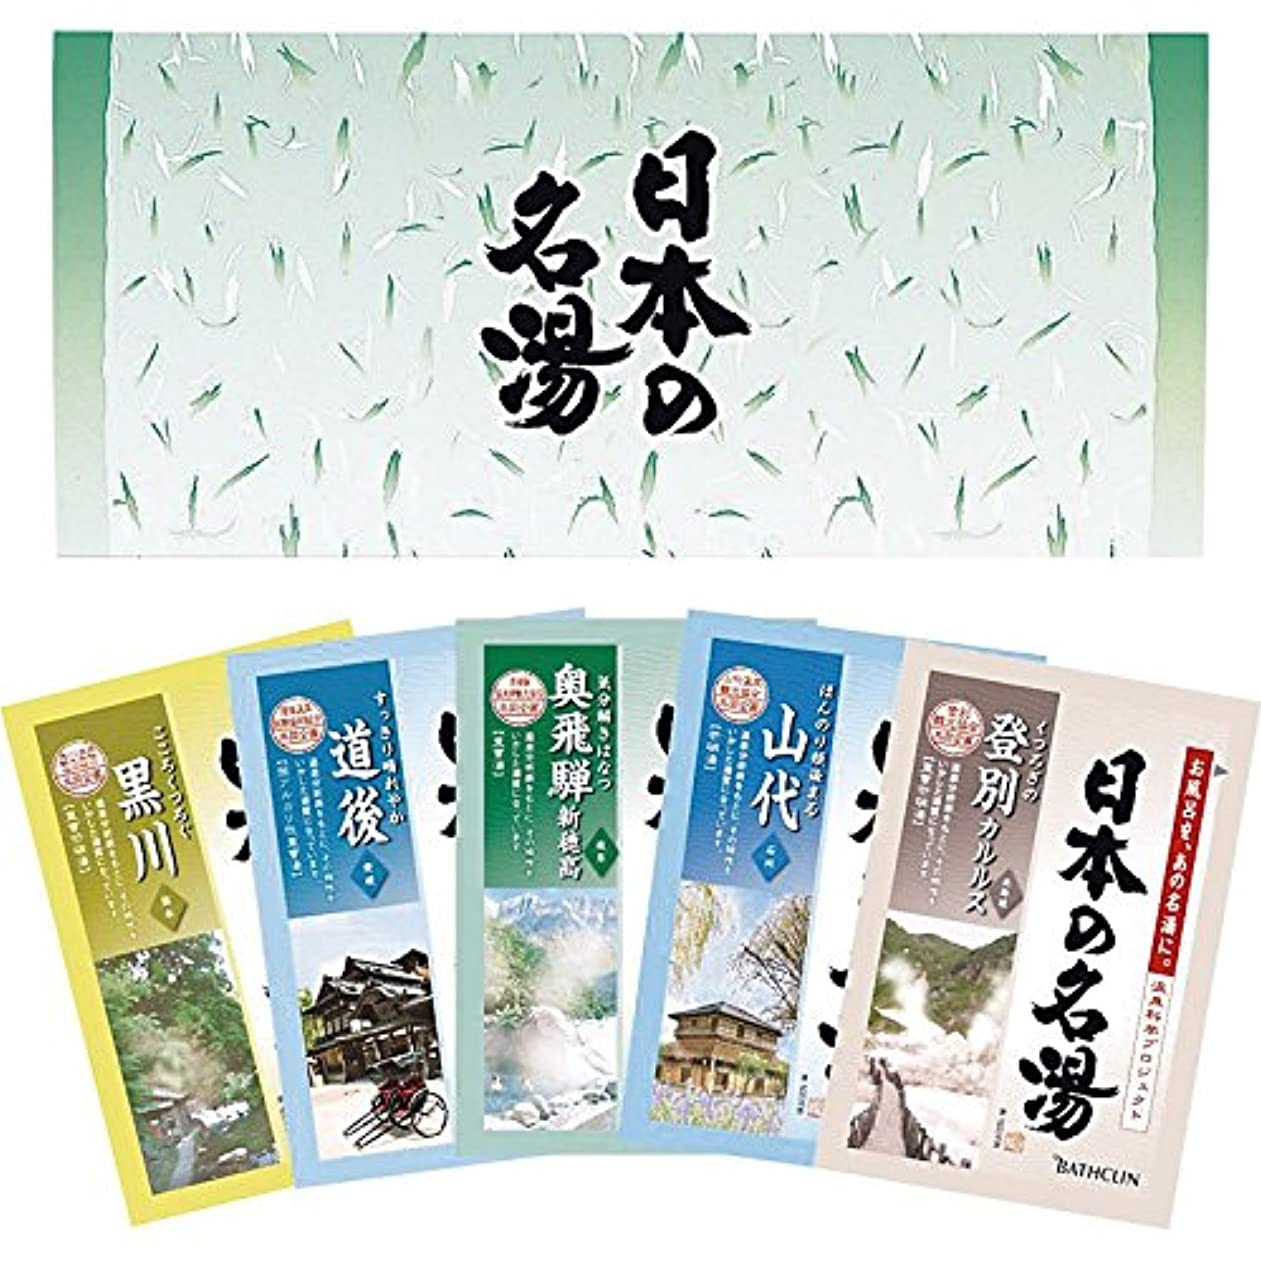 観察する強要羽バスクリン 日本の名湯 5包セット OT-3D 【洗面所 入浴剤 温泉 薬用 5袋 リラックス おふろ バスグッズ】